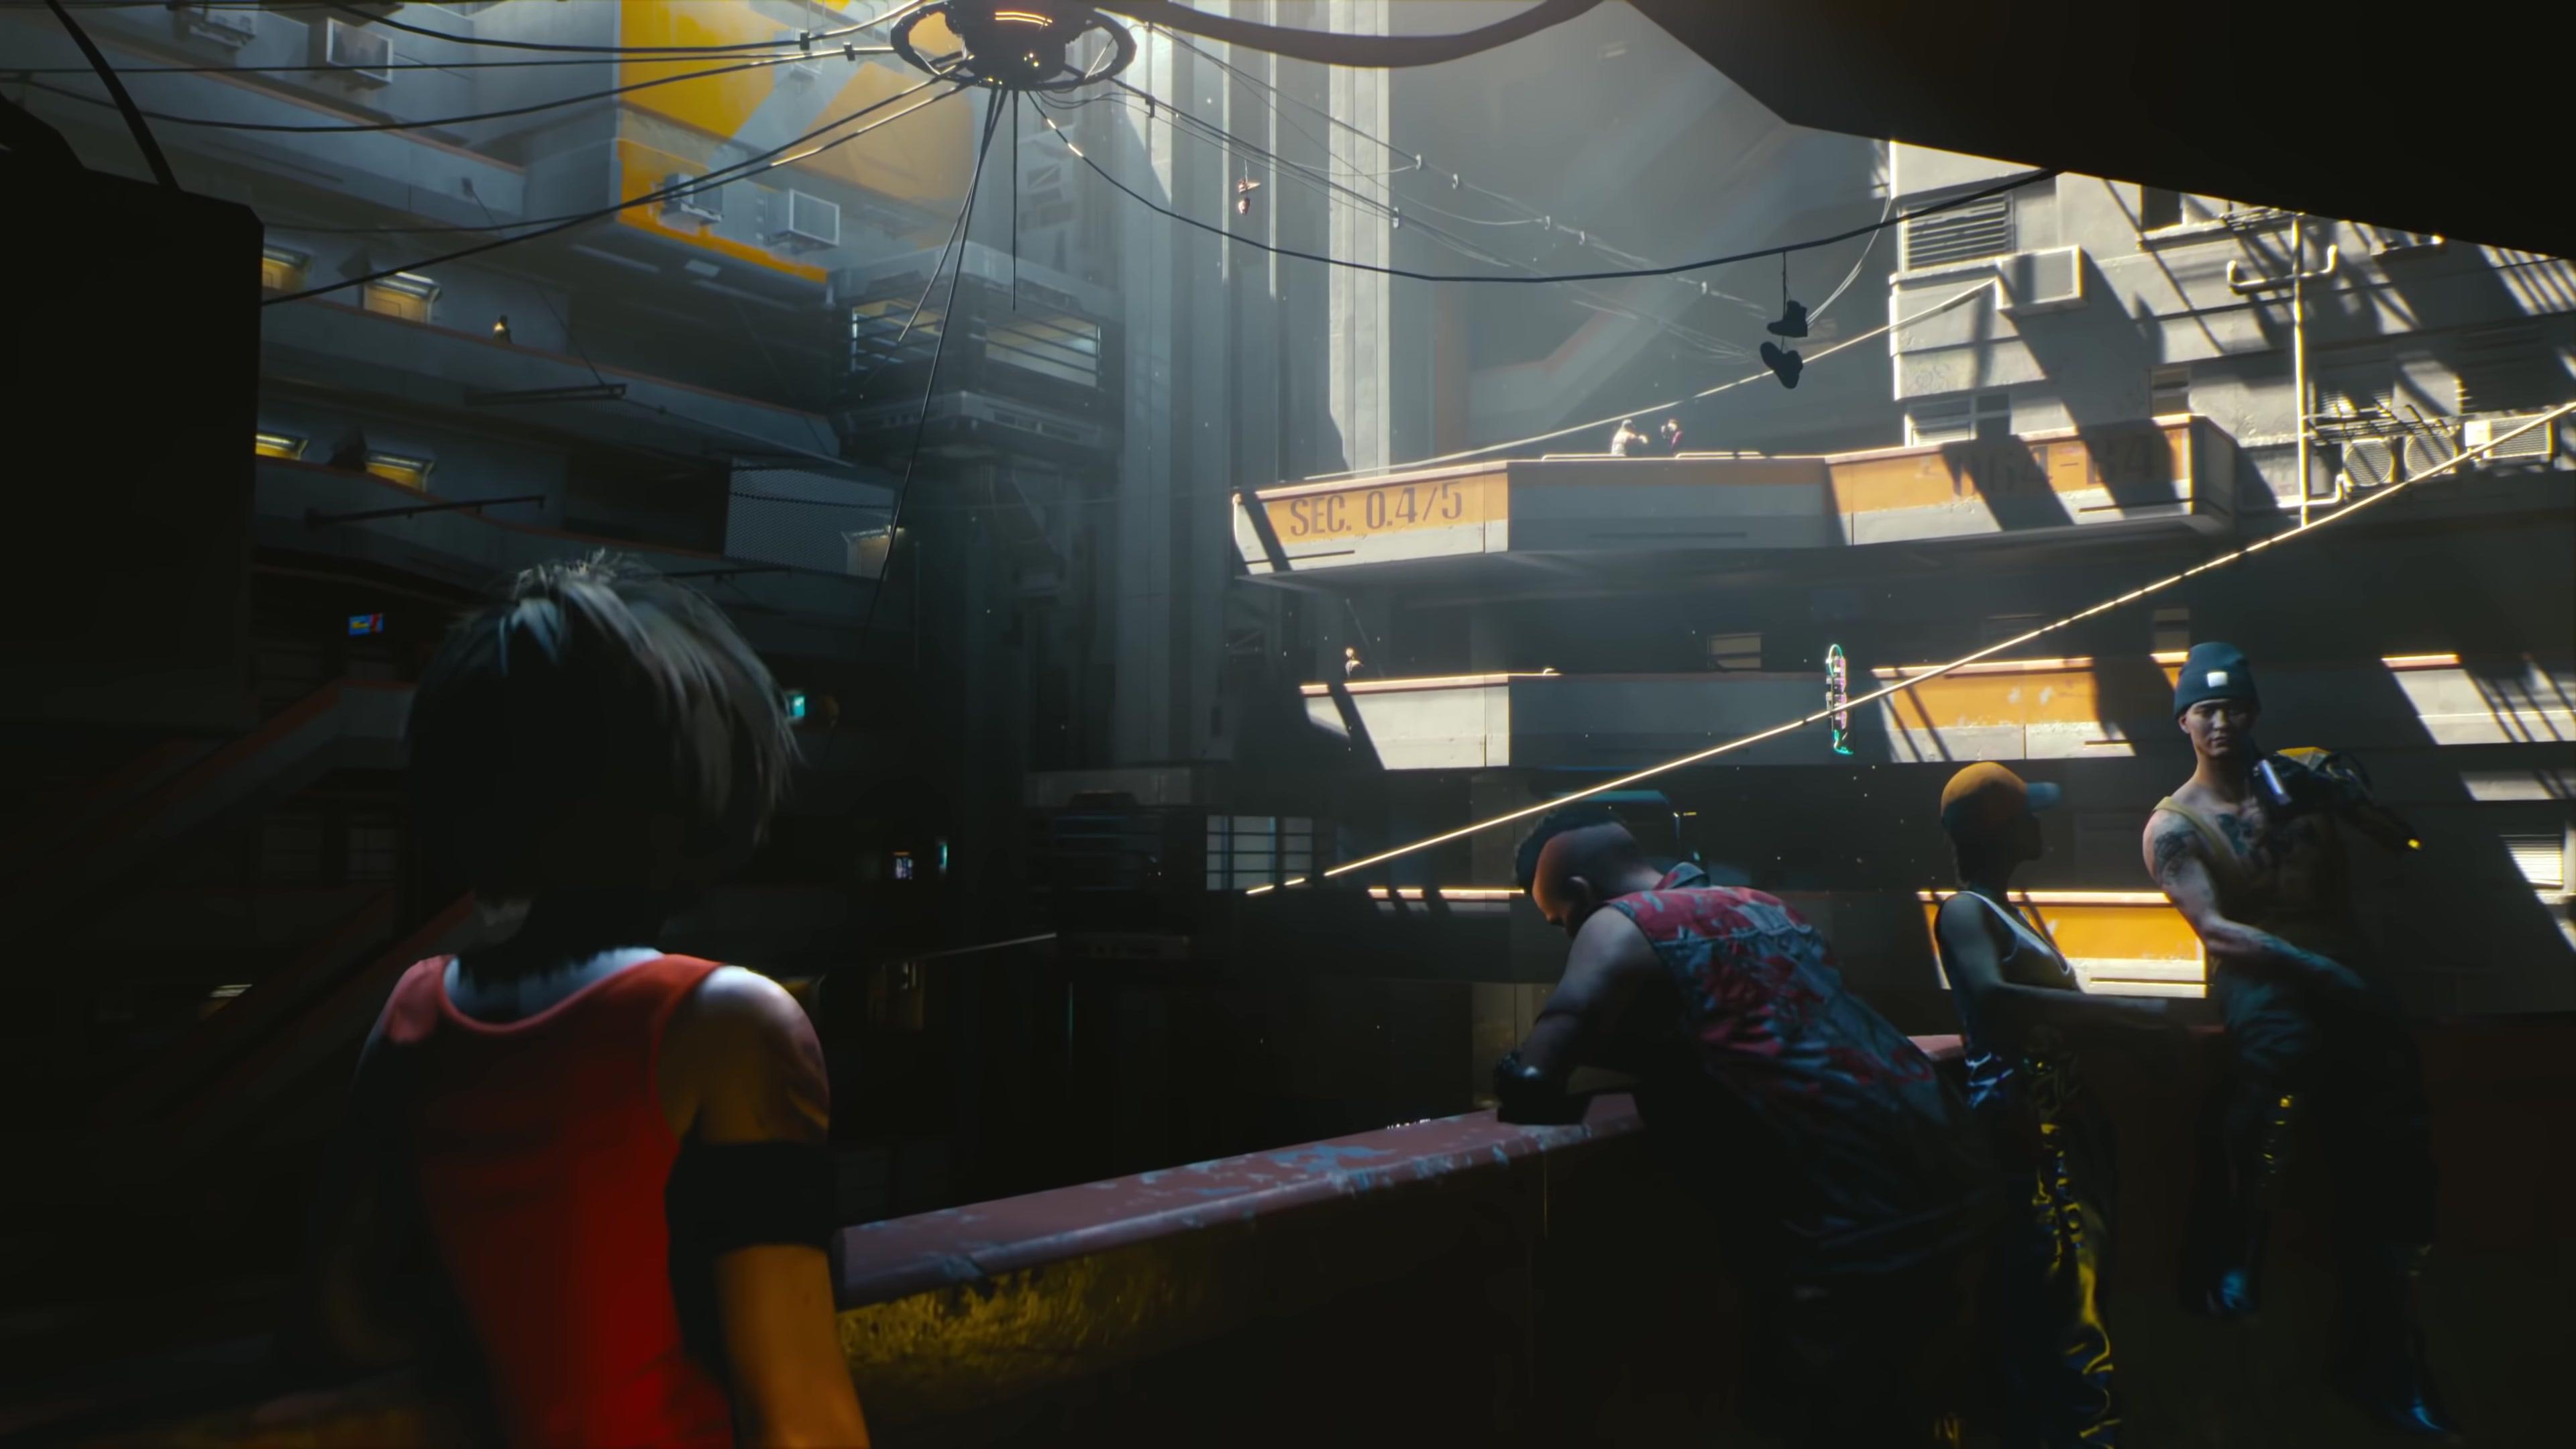 Cyberpunk 2077 031.jpg - Cyberpunk 2077